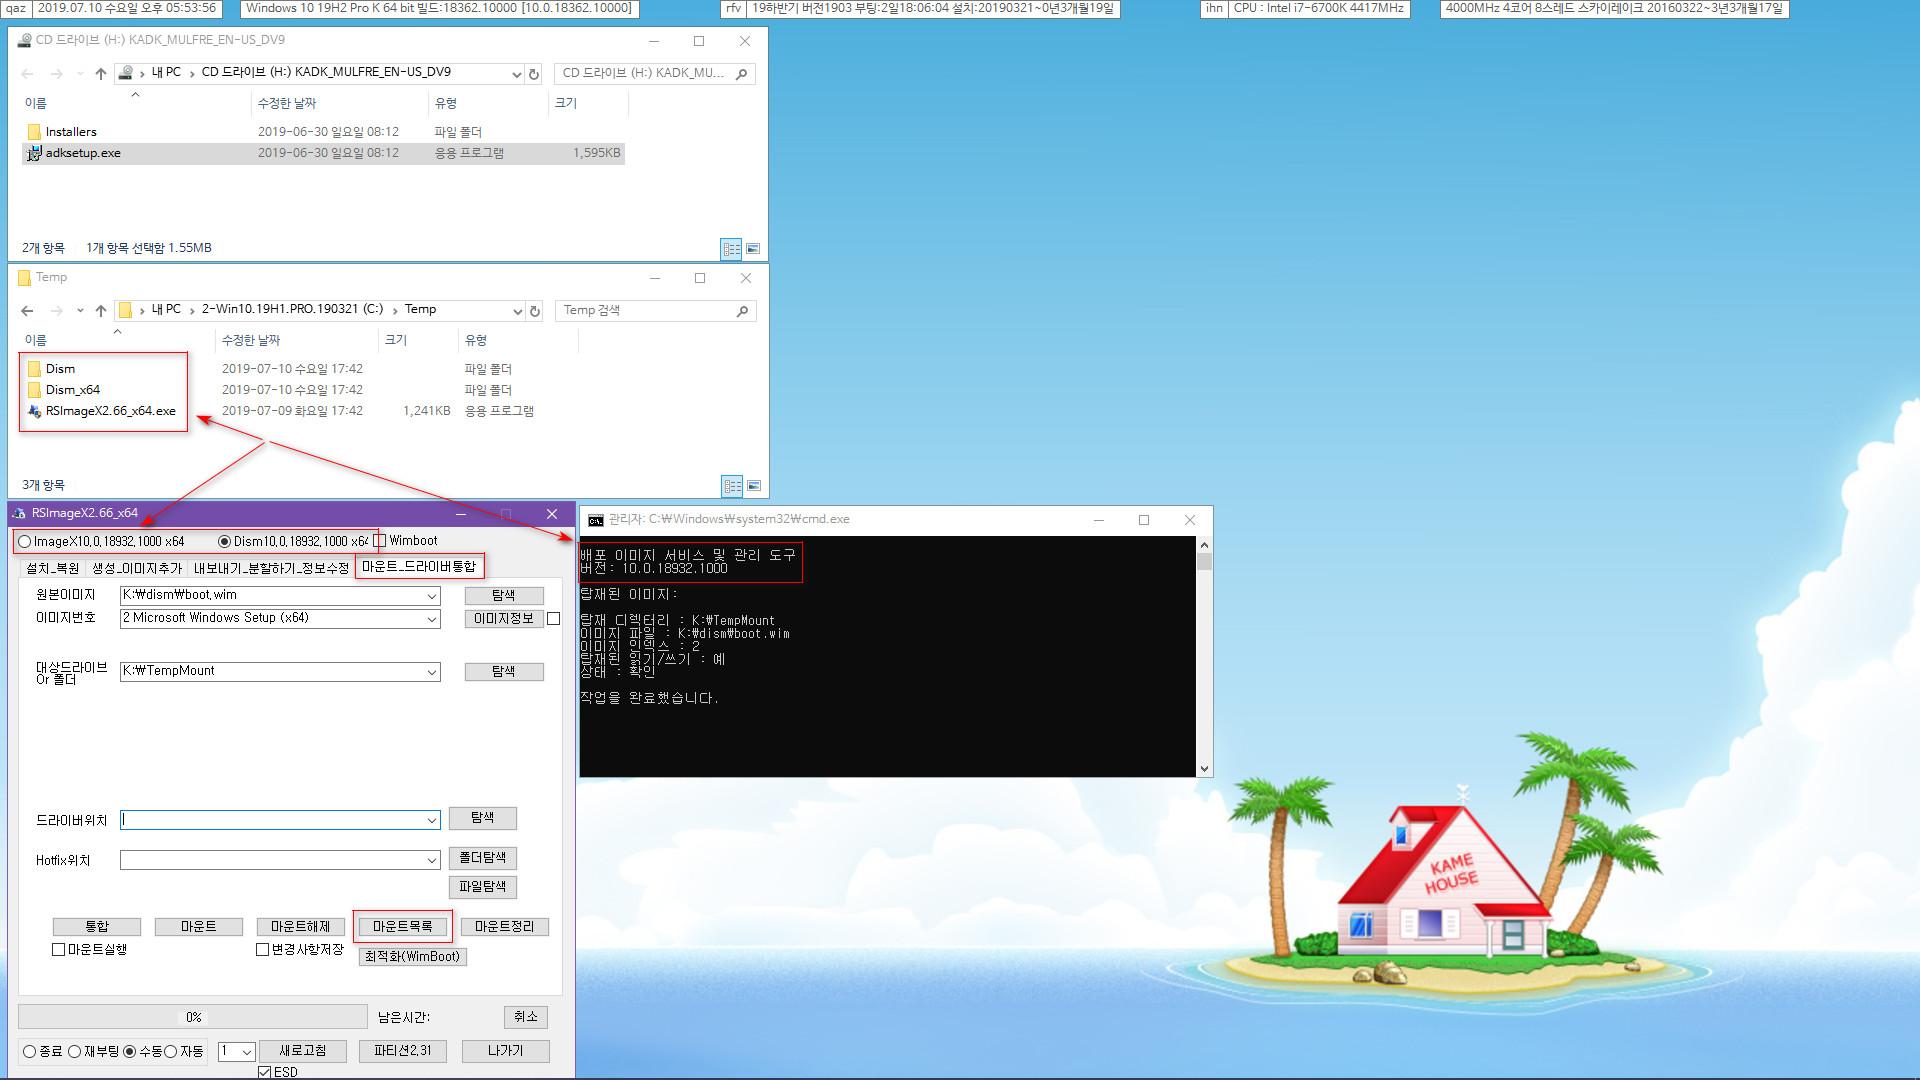 윈도10 20H1 인사이더 프리뷰 18932.1000 빌드 - ADK 파일이 나와서 RSImageX용 DISM과 ImageX 만들었습니다 - 이번에도 한글 언어 파일이 없어서 윈도 설치하여 한글 언어 파일을 추출했습니다 2019-07-10_175356.jpg